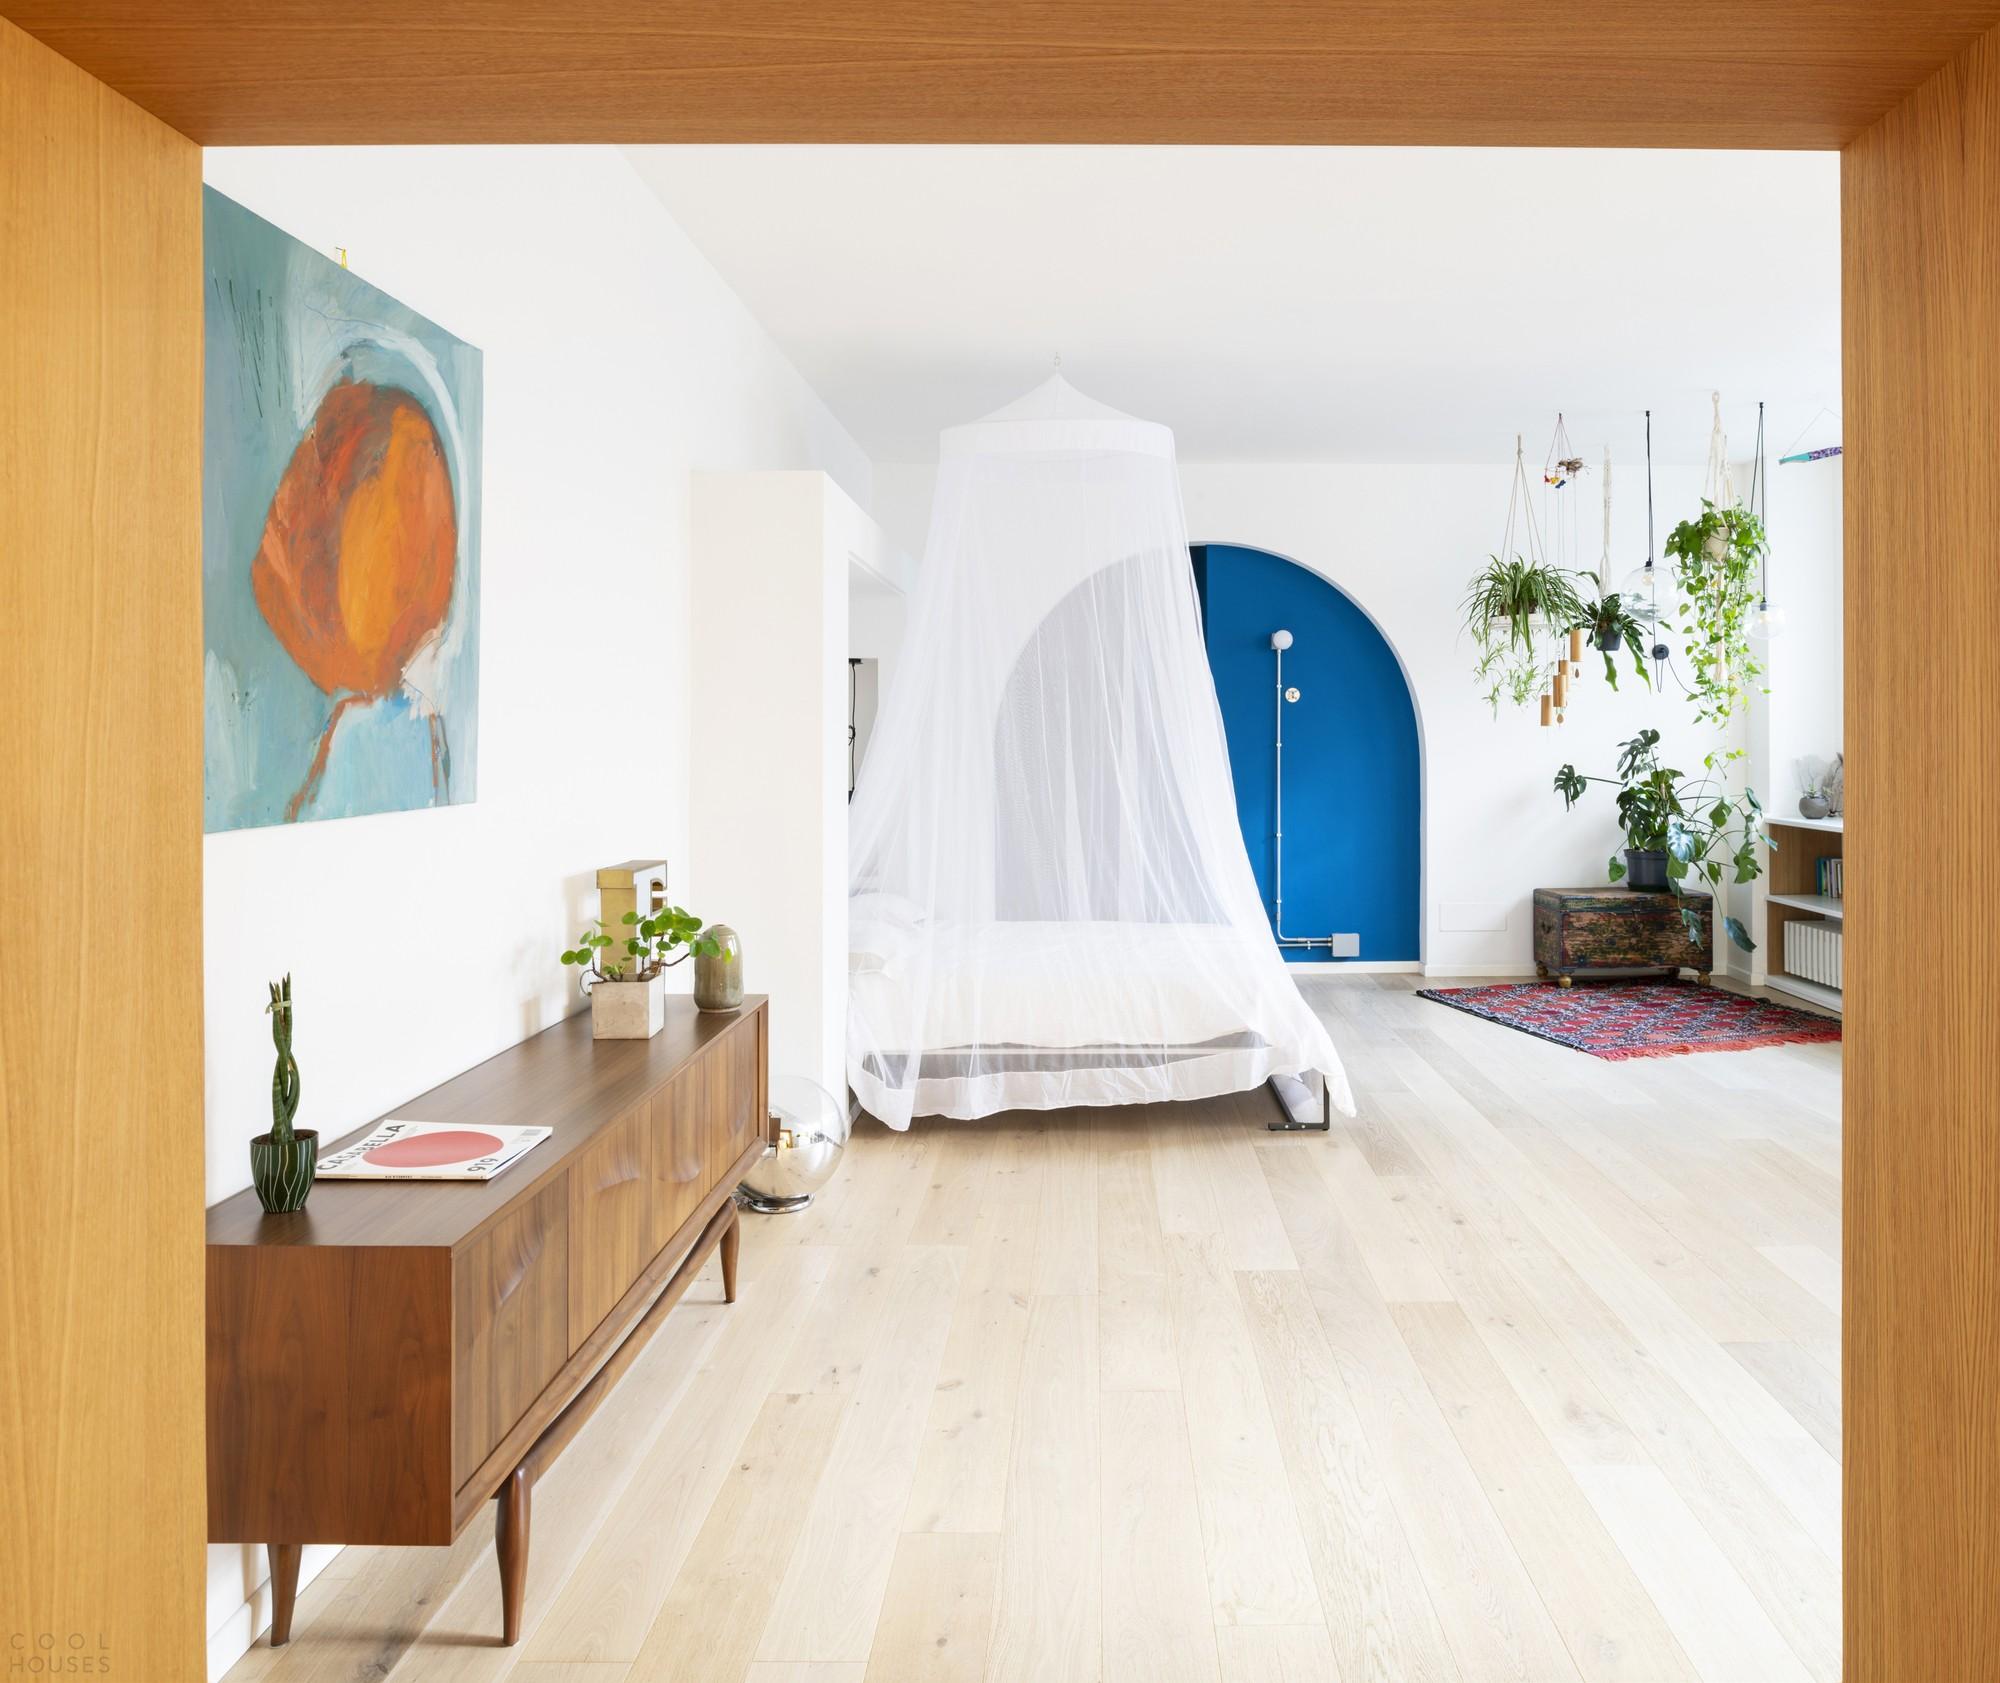 Реконструкция квартиры с акцентом на модули и яркие цветовые вкрапления